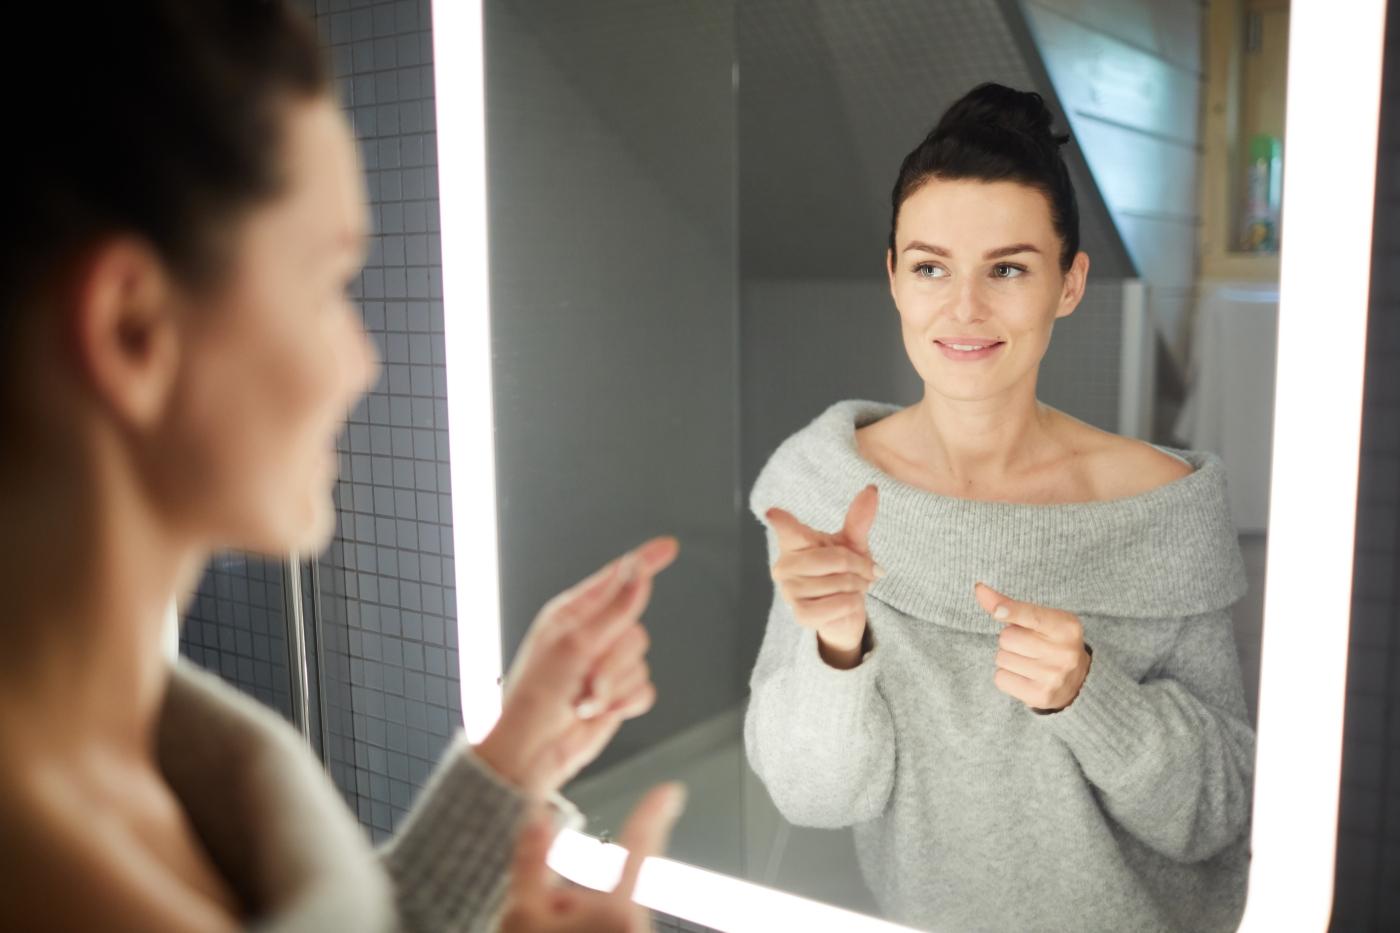 Selbstliebe Übungen - Mit diesen Übungen zu mehr Selbstliebe